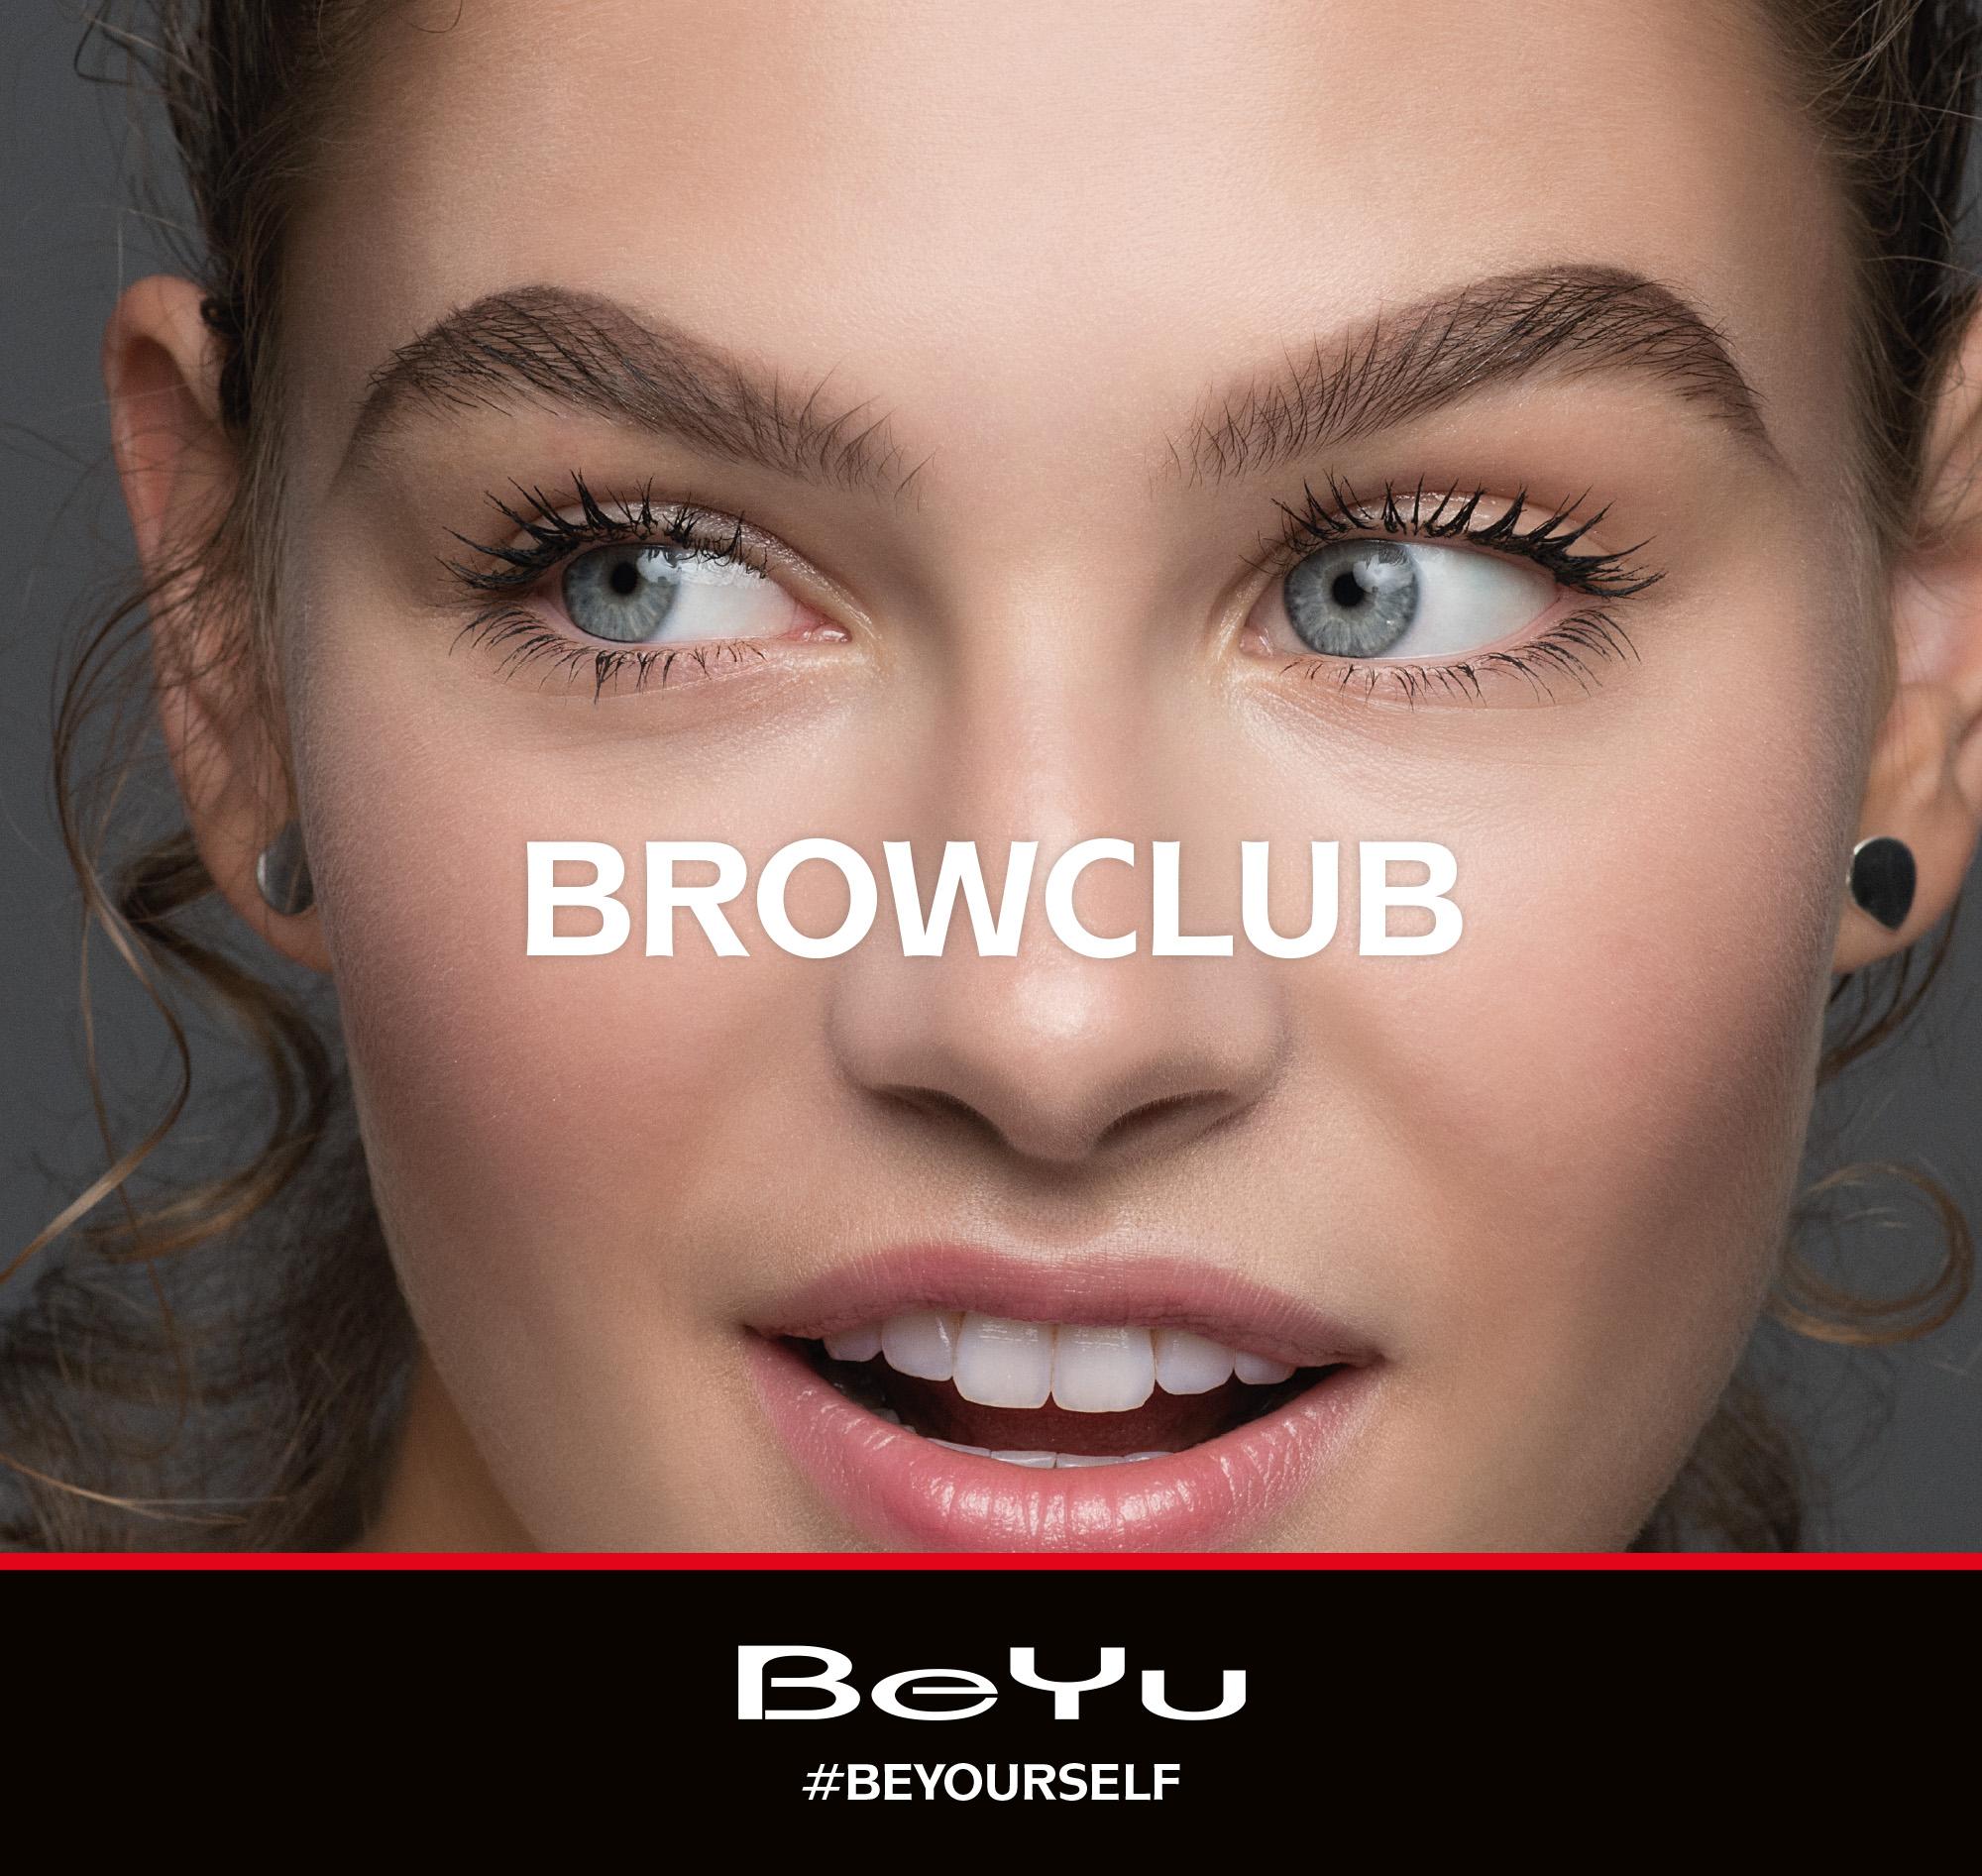 B_BrowClub_2018.jpgAndreas Ortner Hair Heiko Pallach Luna Elisa Federowicz Visagistin BeYu Cosmetics  BROWCLUB